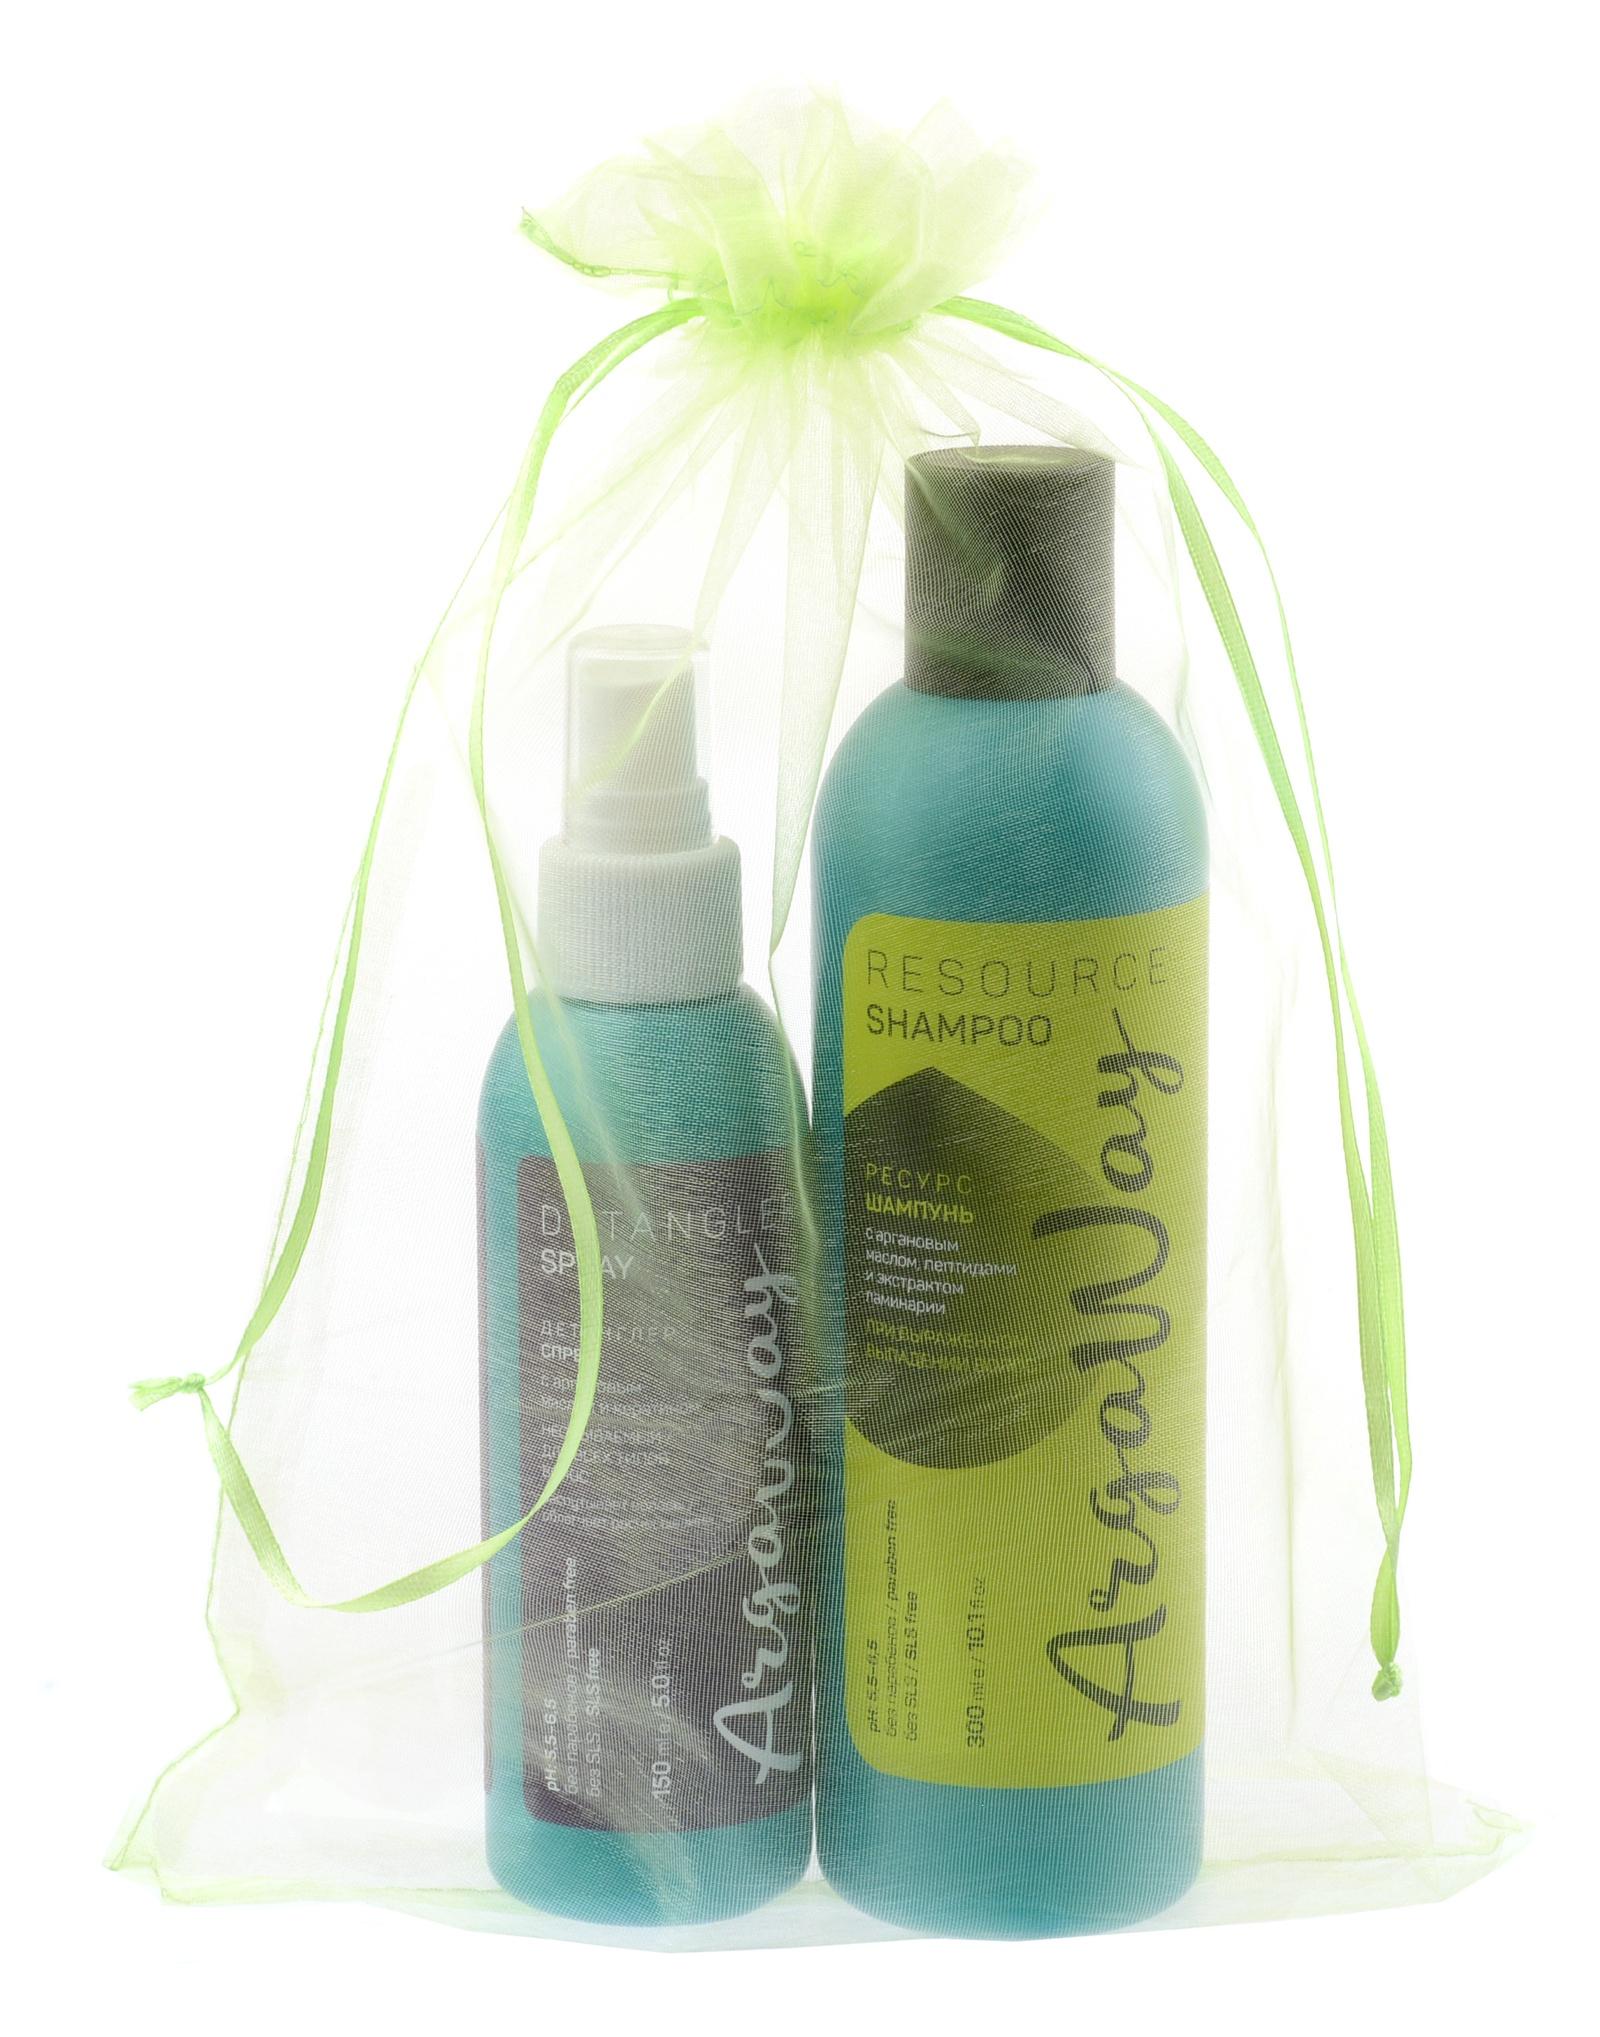 Косметический набор для волос Argaway шампунь + спрей шампунь для волос argaway косметика 330